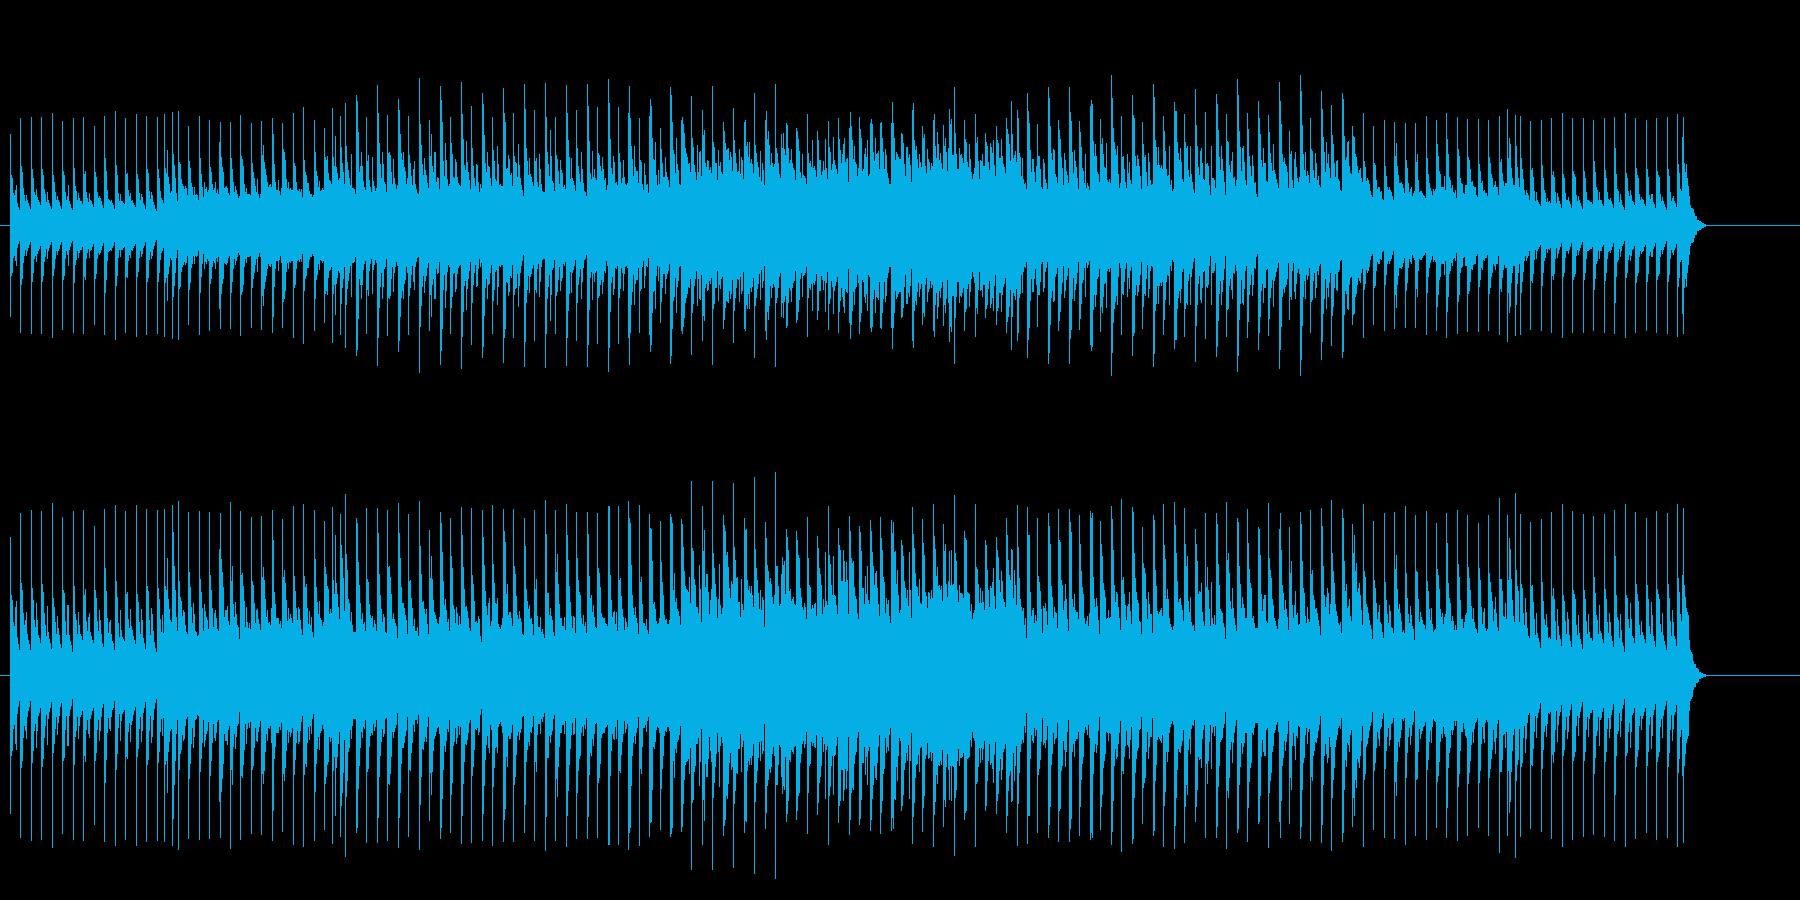 不安な雰囲気のマイナー・テクノ・ポップスの再生済みの波形